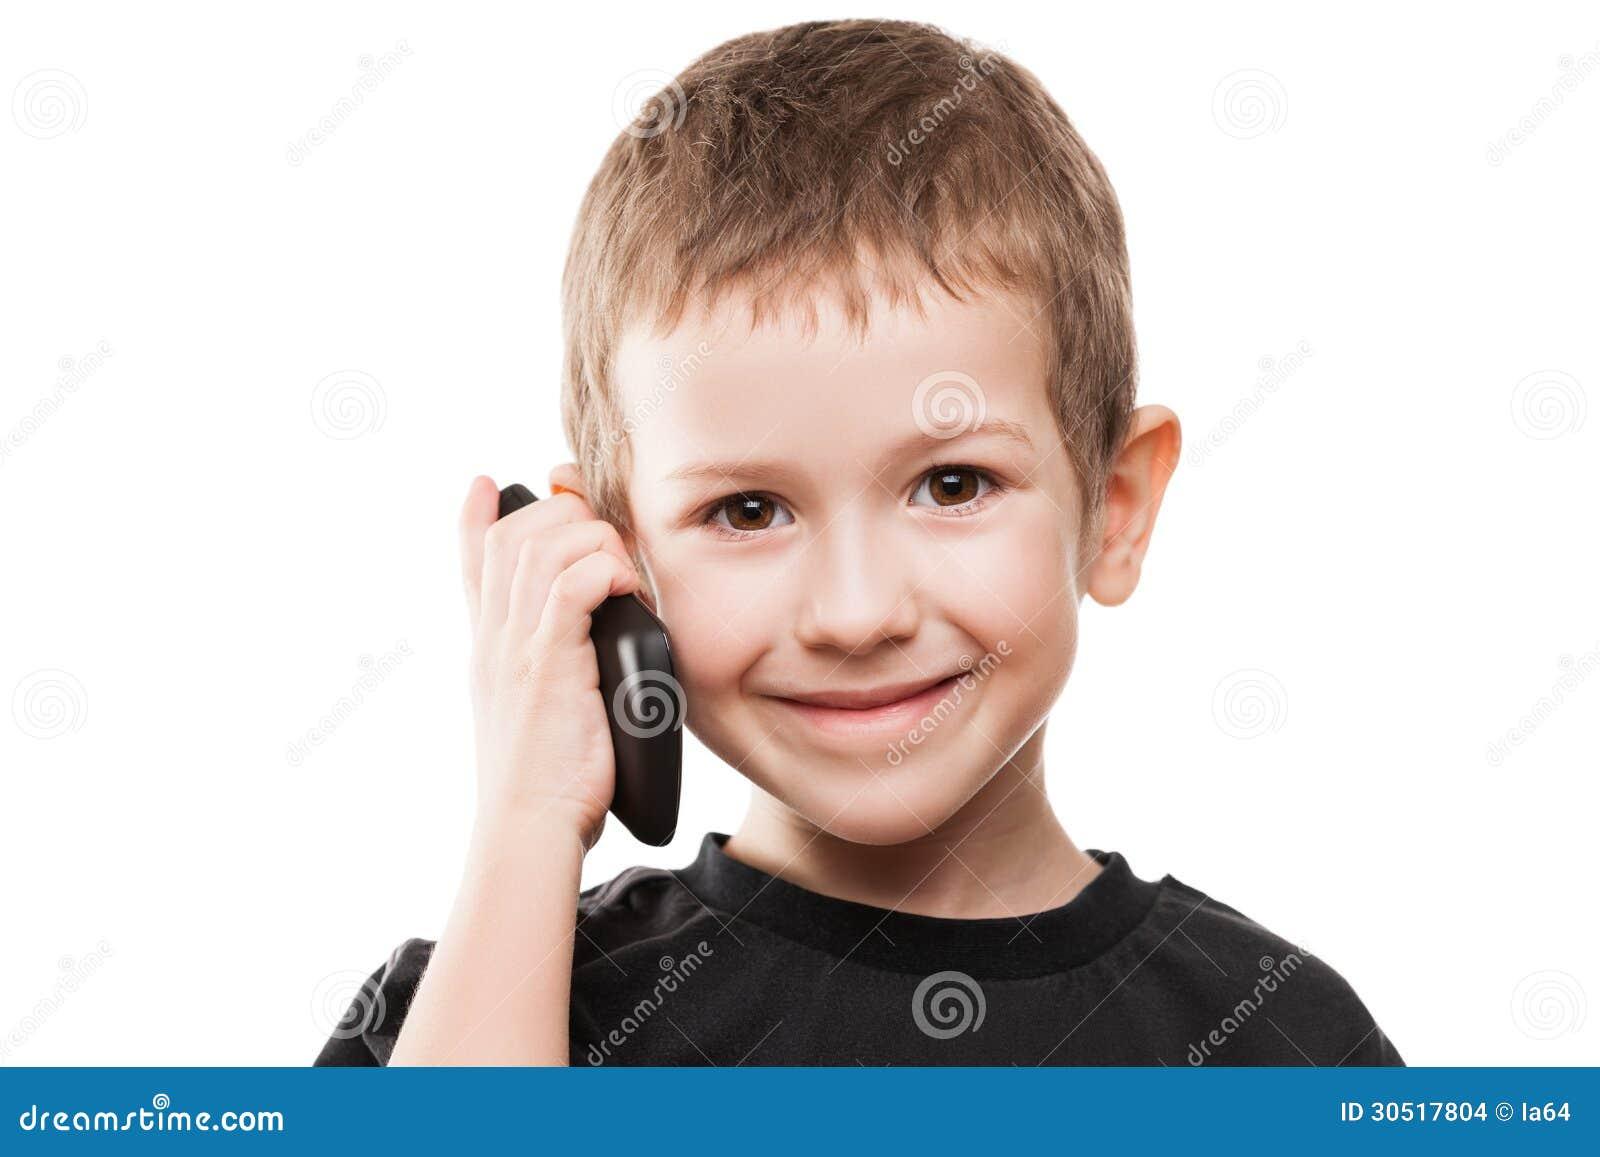 Ребенок по фото родителей айфон